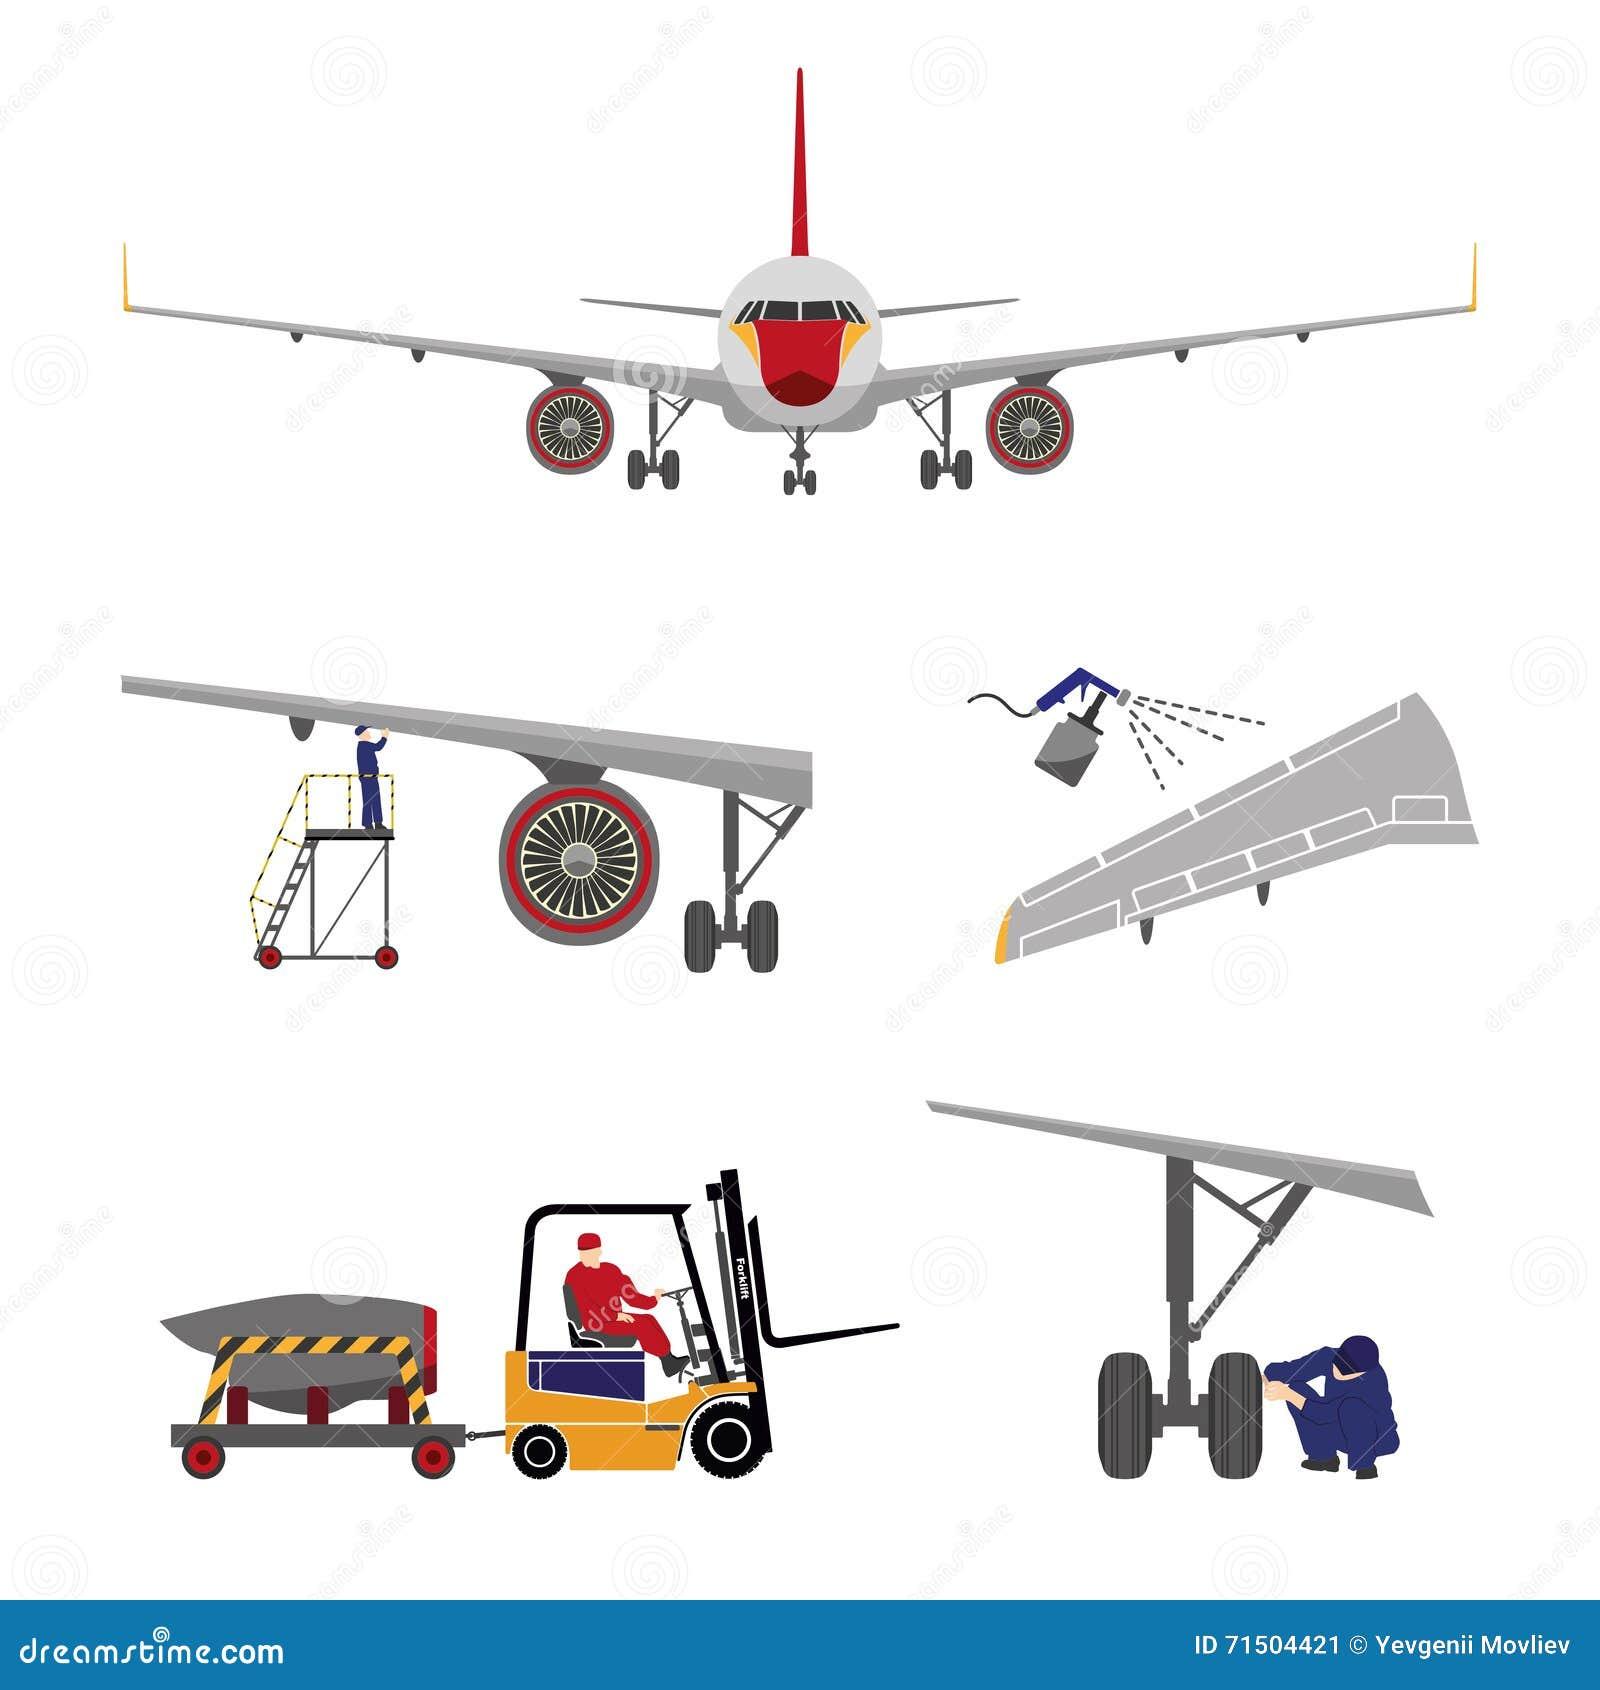 Επισκευή και συντήρηση των αεροσκαφών Σύνολο μερών αεροσκαφών σε ΛΦ